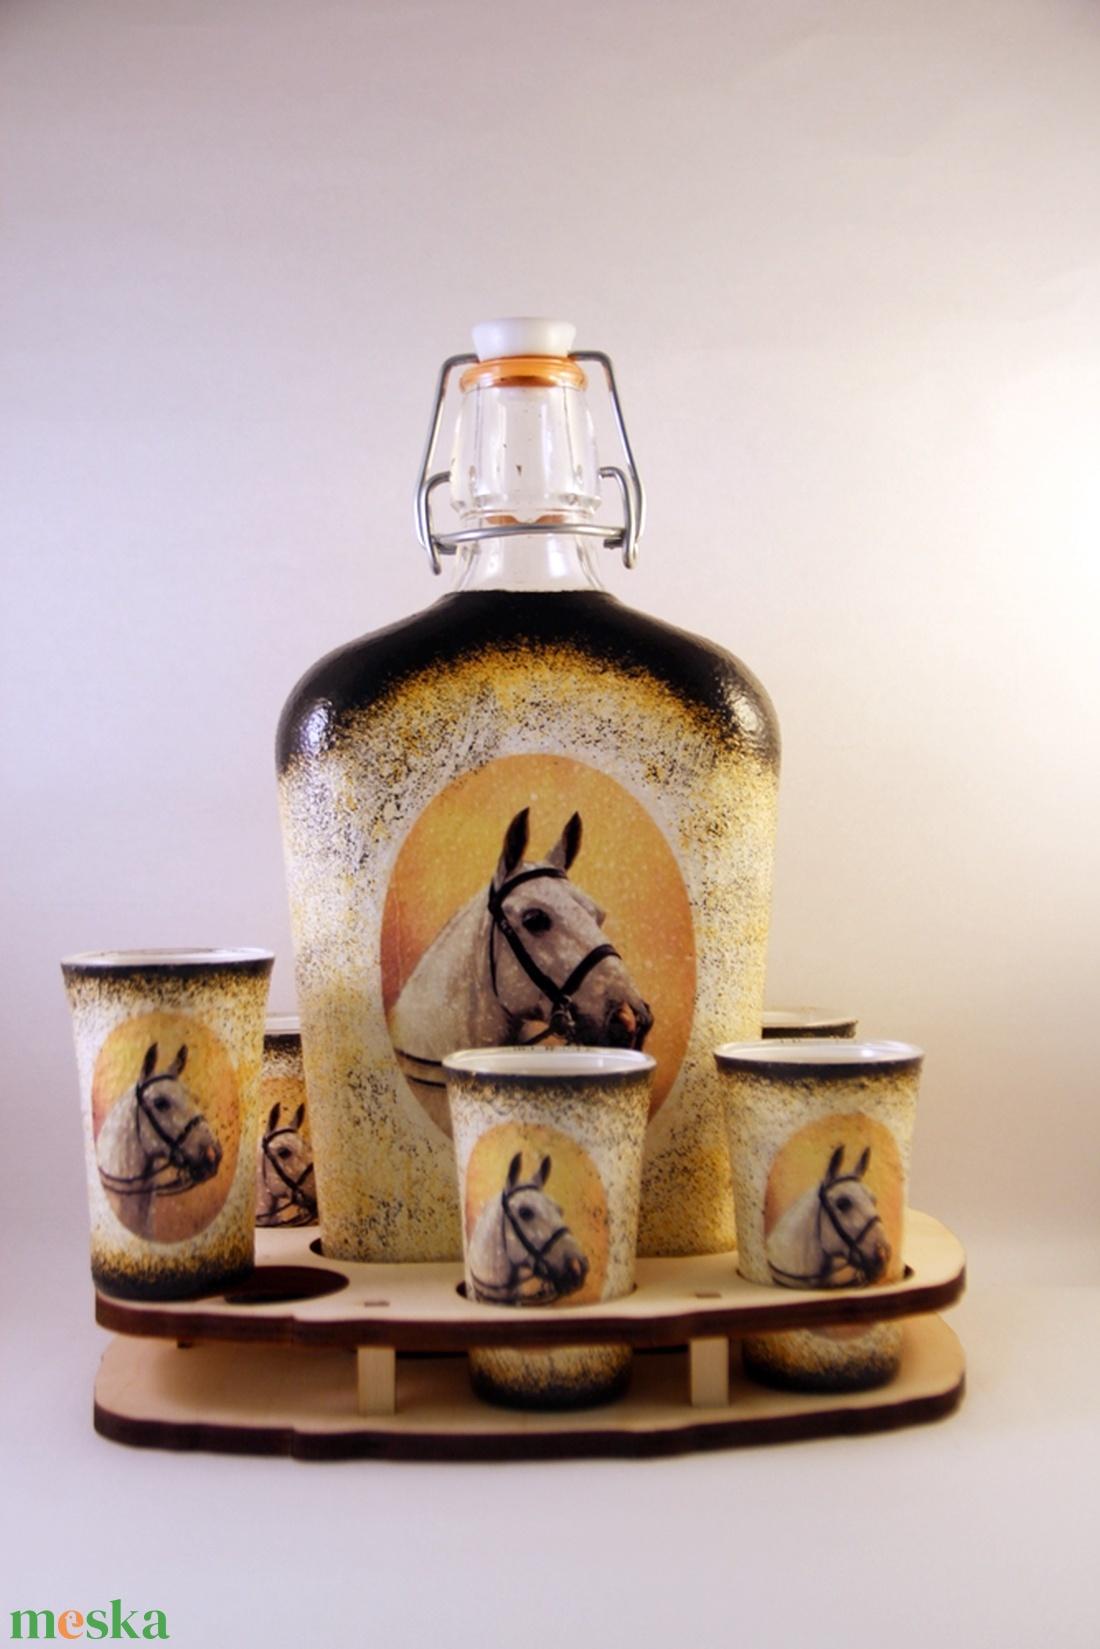 Ló motívummal díszített  pálinkás szett II. ( 0,5 l üveg+6x50 ml pohár +tartó )  - Meska.hu